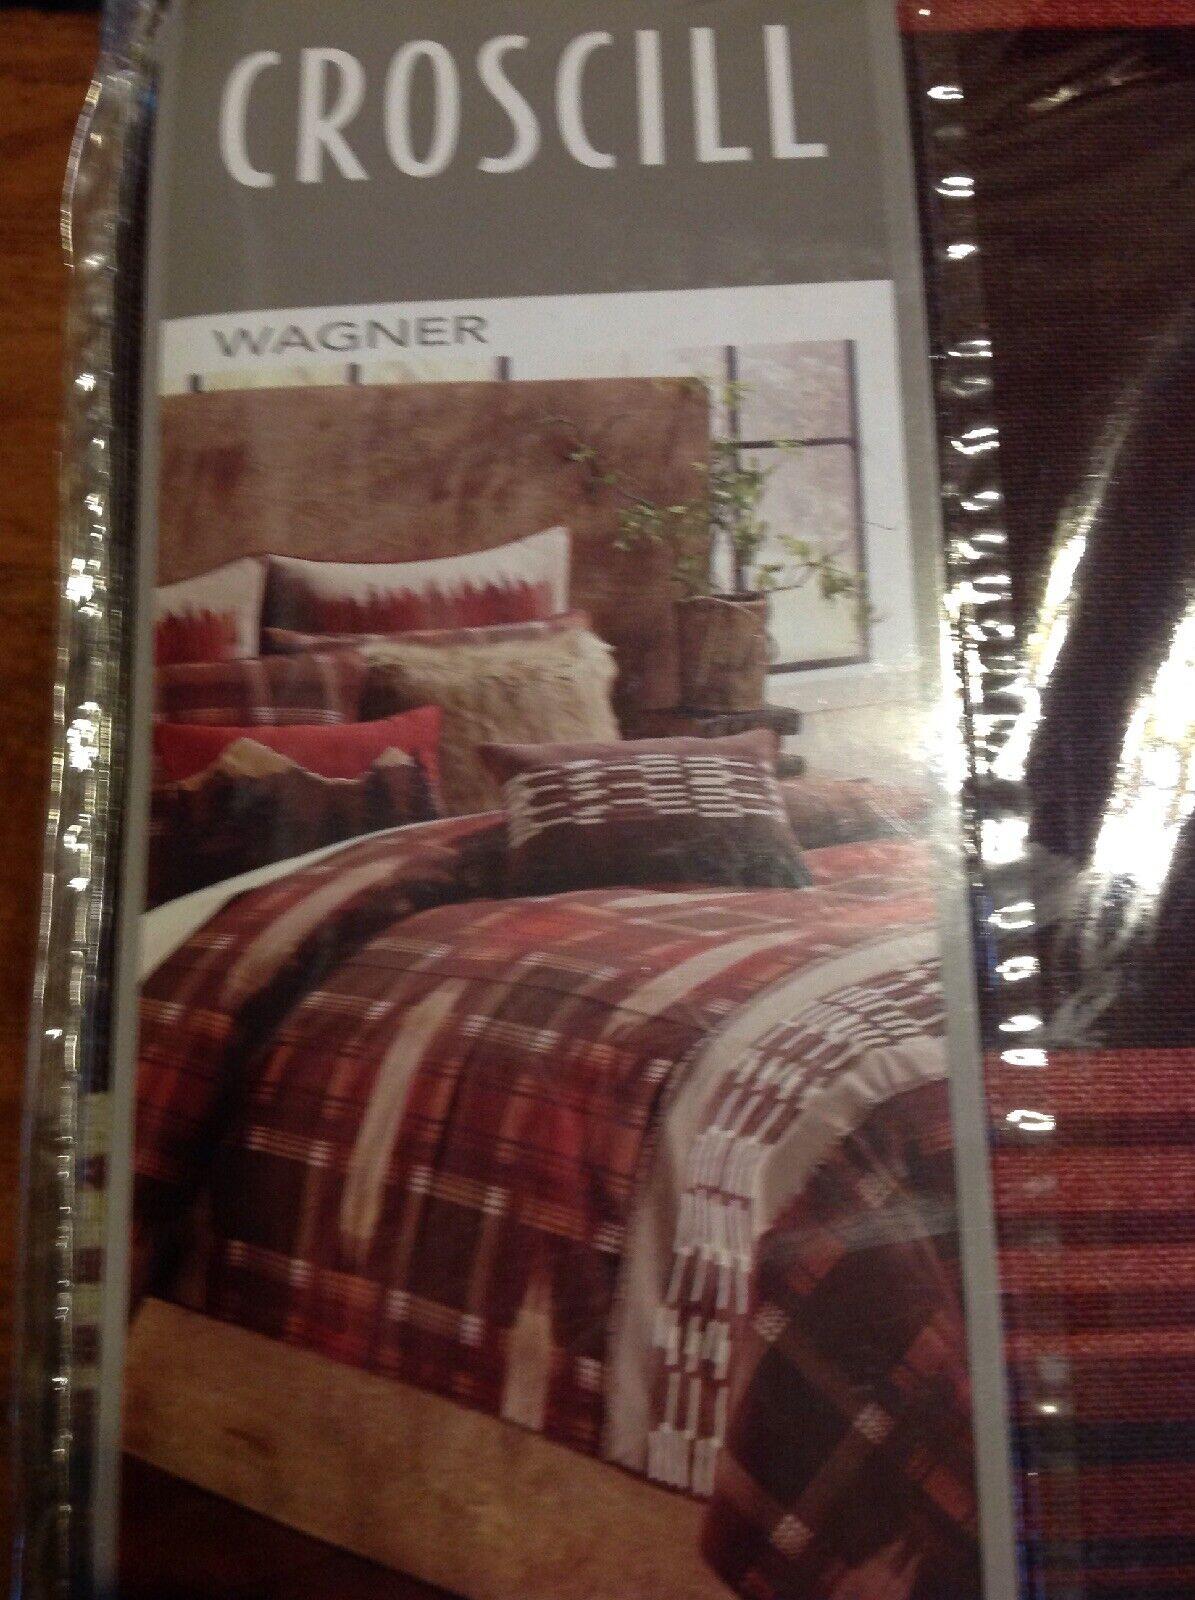 Croscill Wagner King Duvet Cover, 110x96', NIP